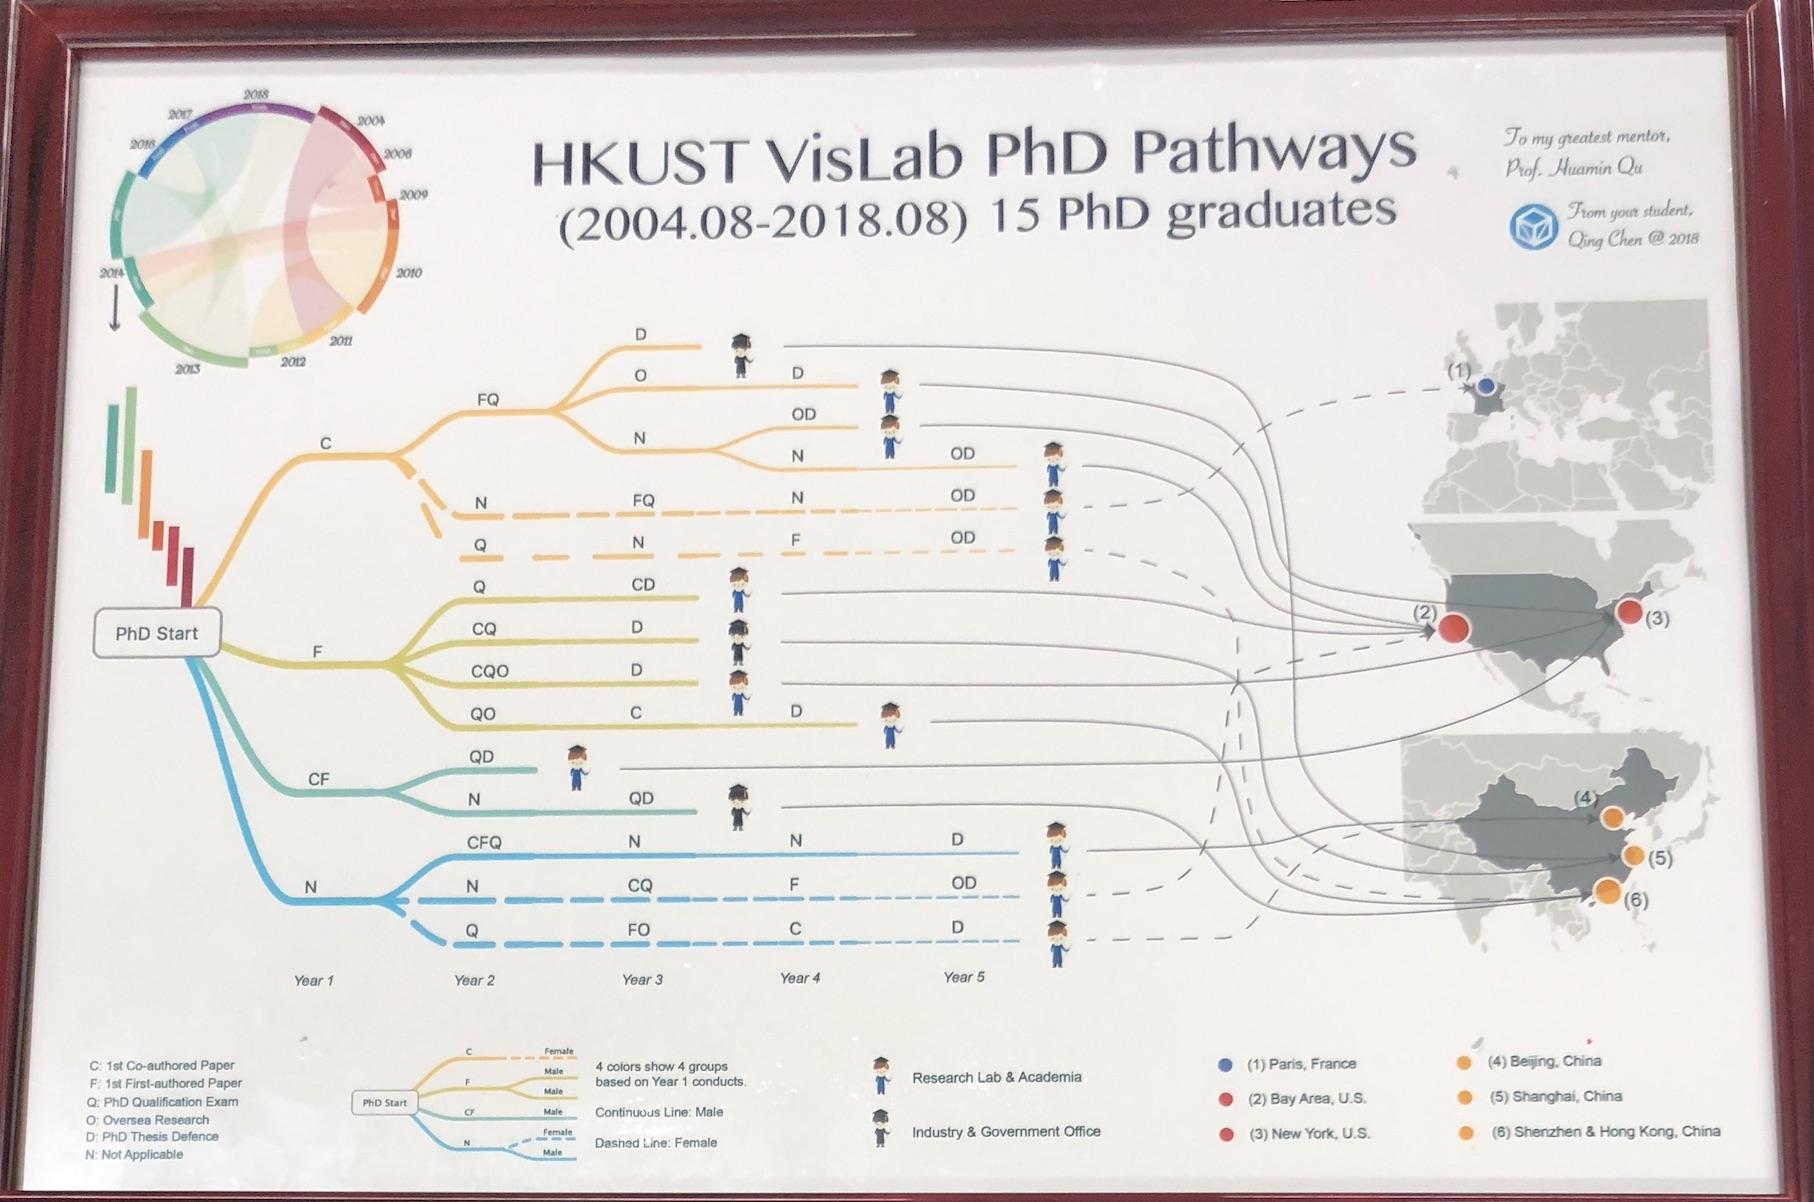 VisLab_PhD_pathways.jpg